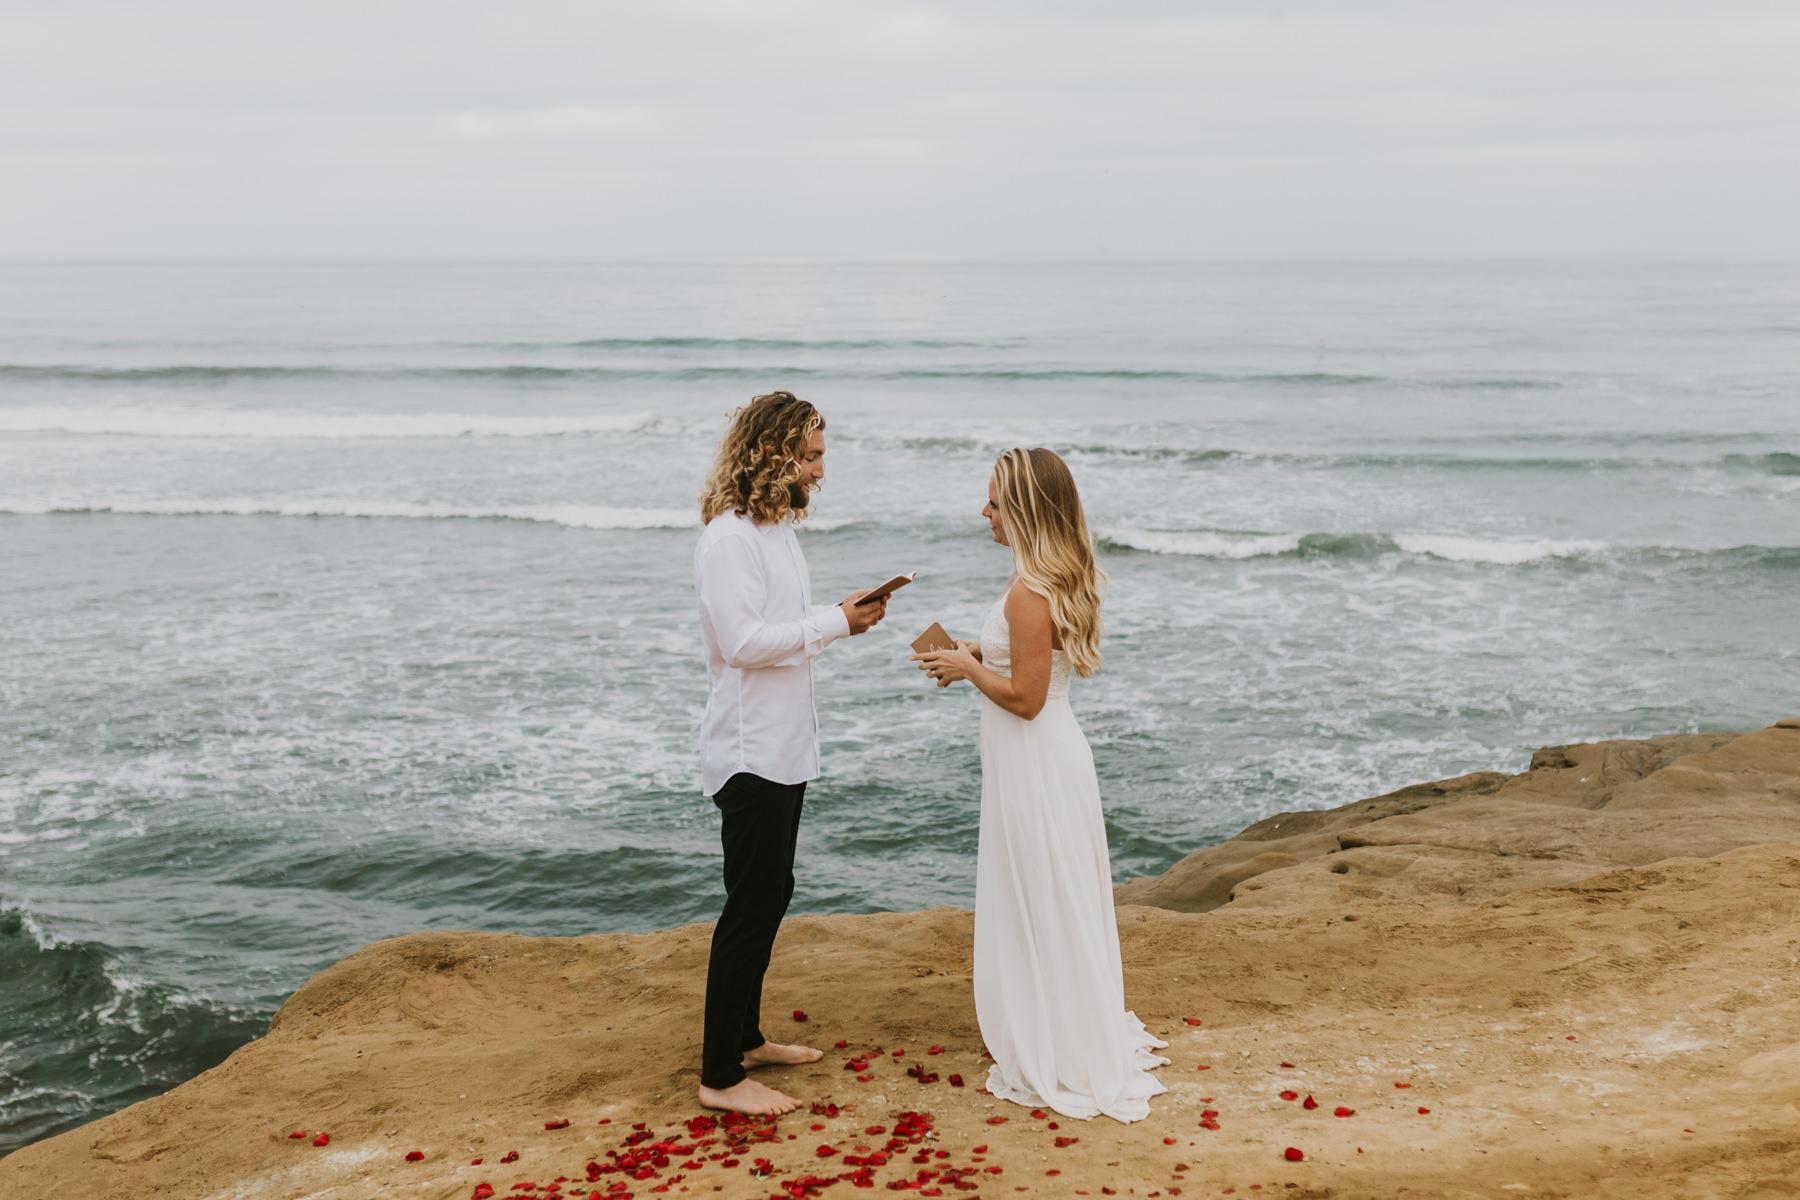 sunset-cliffs-elopement